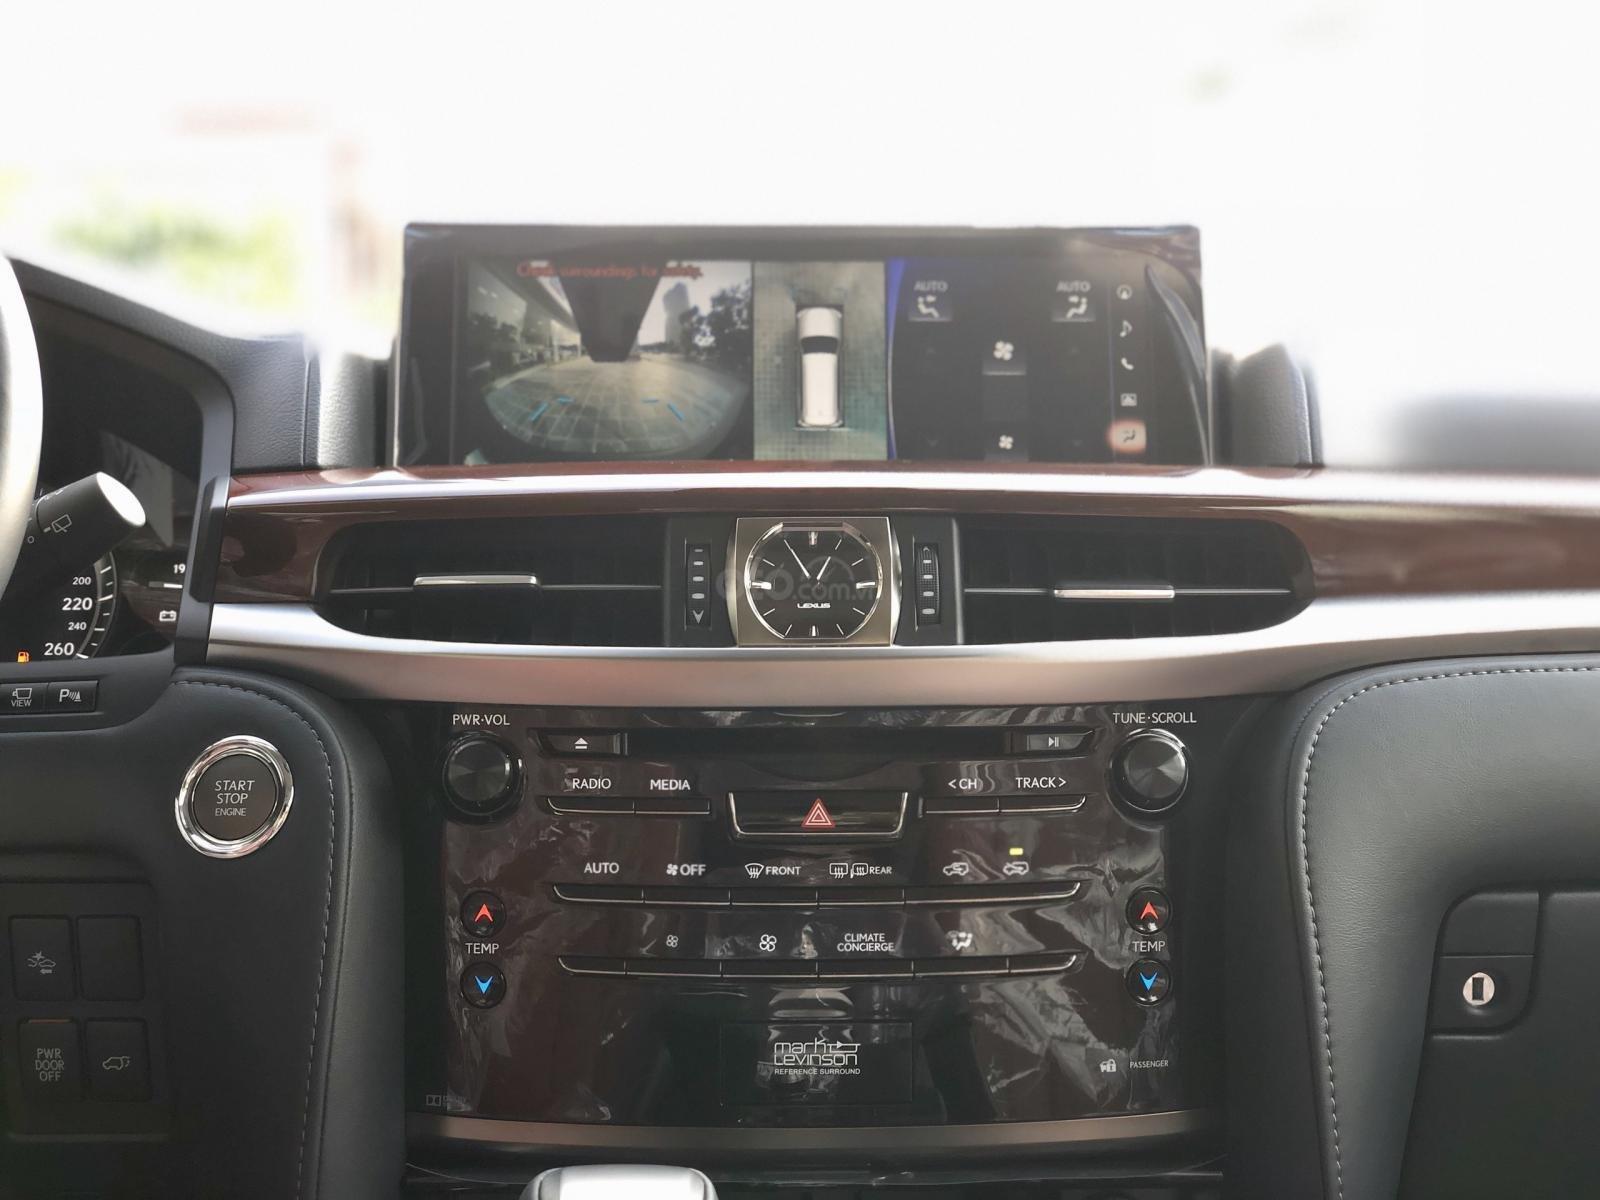 Bán Lexus LX 570S Super Sport model 2020, xe mới giao ngay toàn quốc, giá tốt LH: 093.996.2368 Ms Ngọc Vy (22)